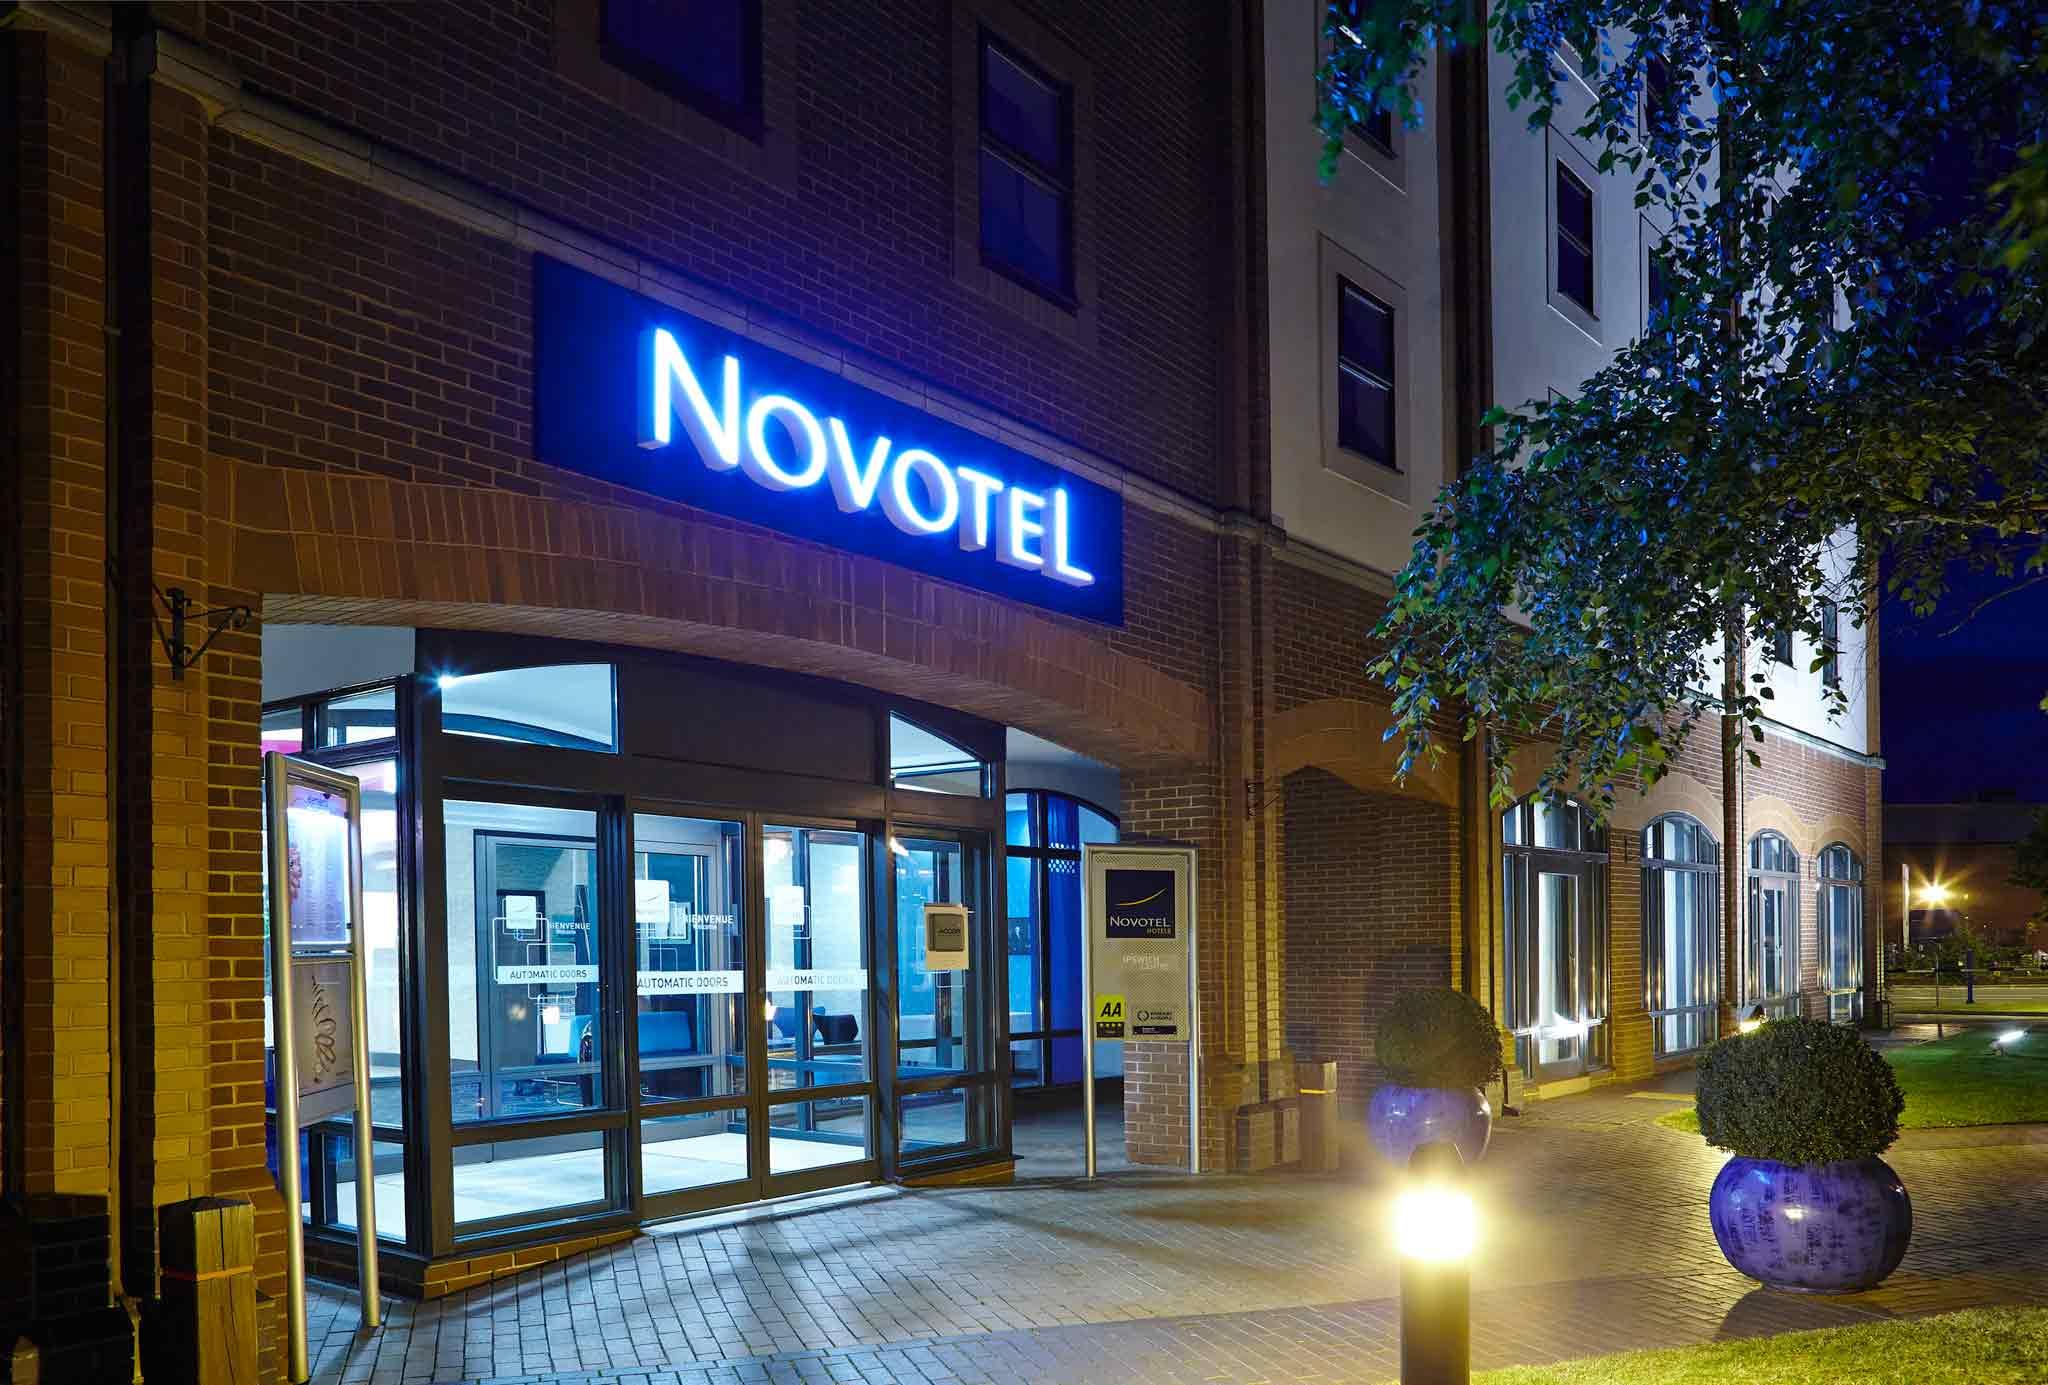 Hotell – Novotel Ipswich Centre